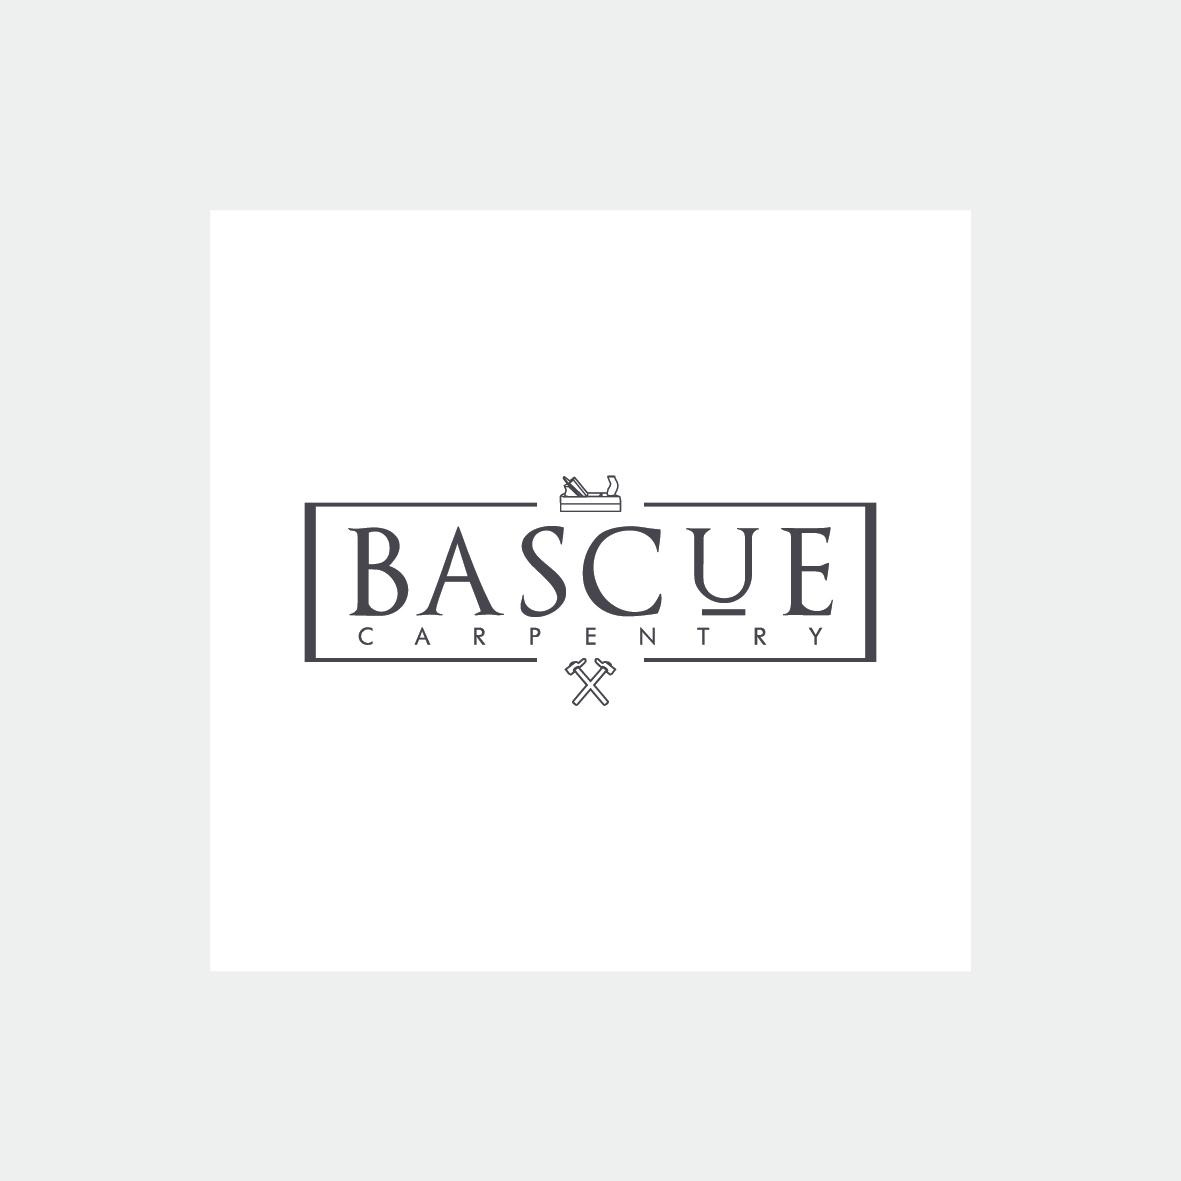 bascue carpentery logo